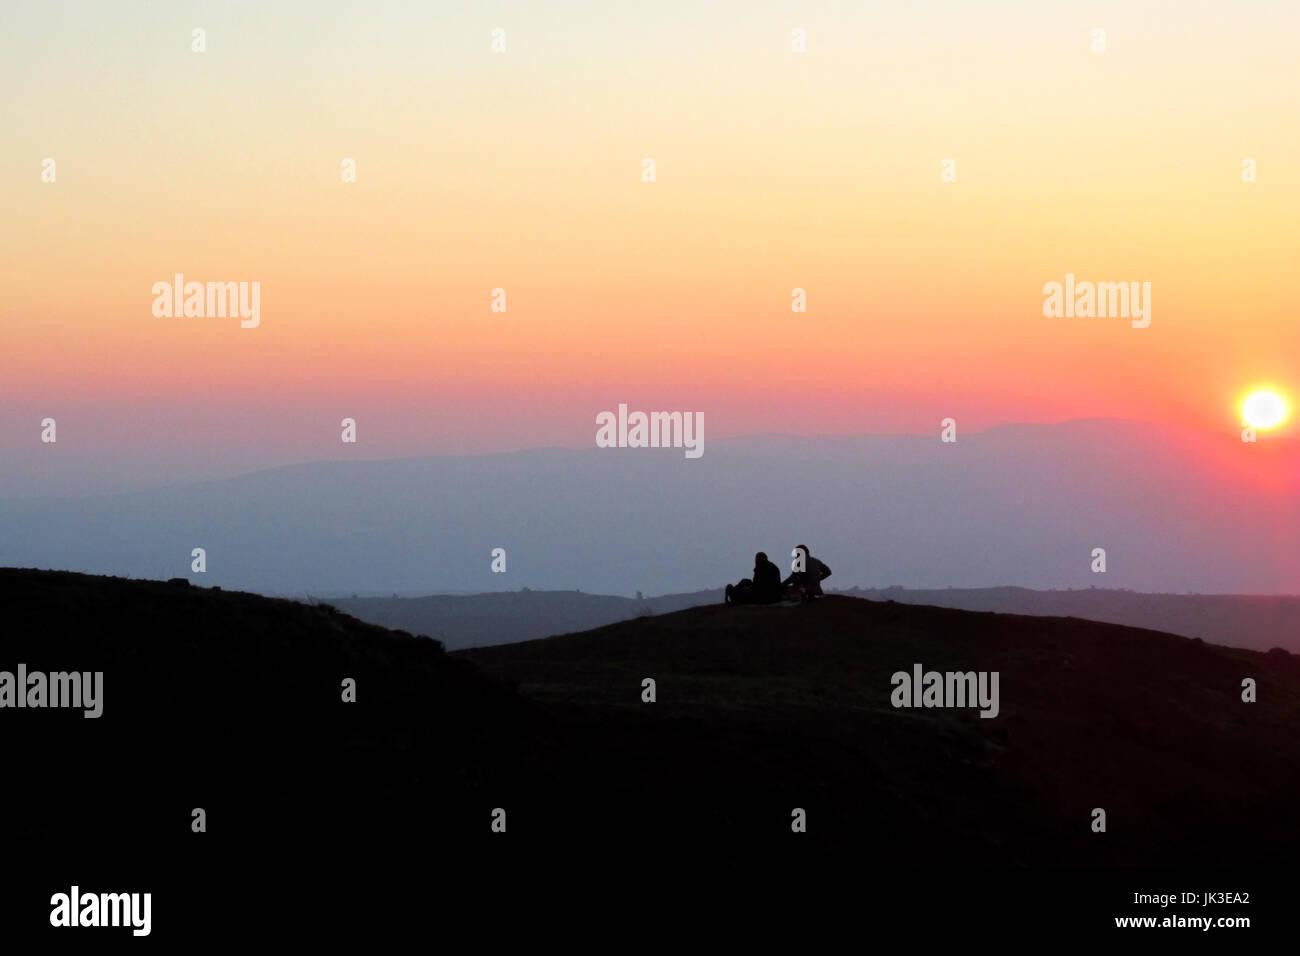 Un paio di sedersi su una collina stagliano dal sole al tramonto vicino al Monte Bental in Israele il Golan. Foto Stock